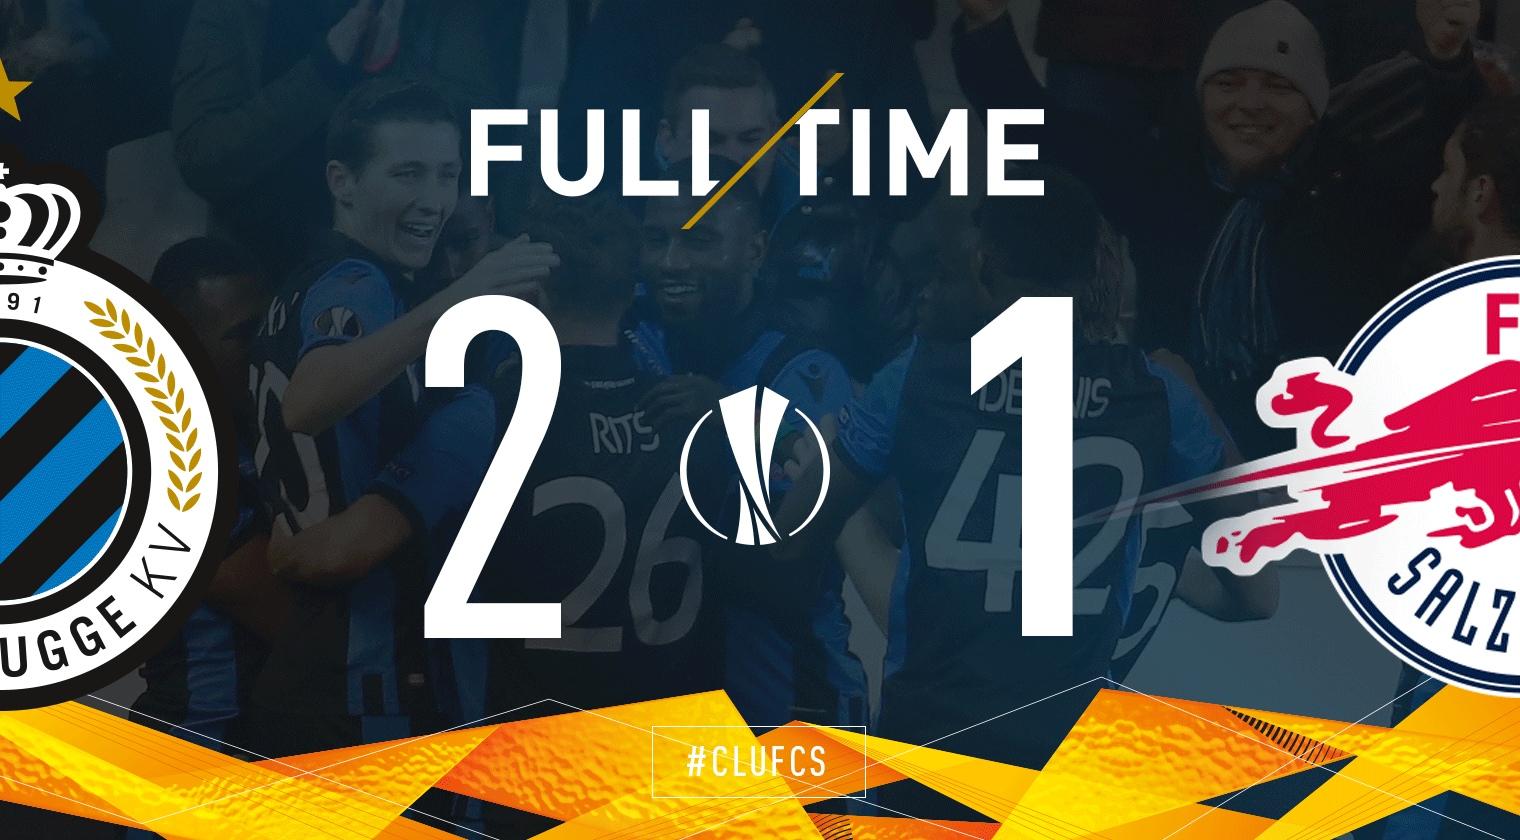 469. Club Brugge KV - RB Salzburg 2:1